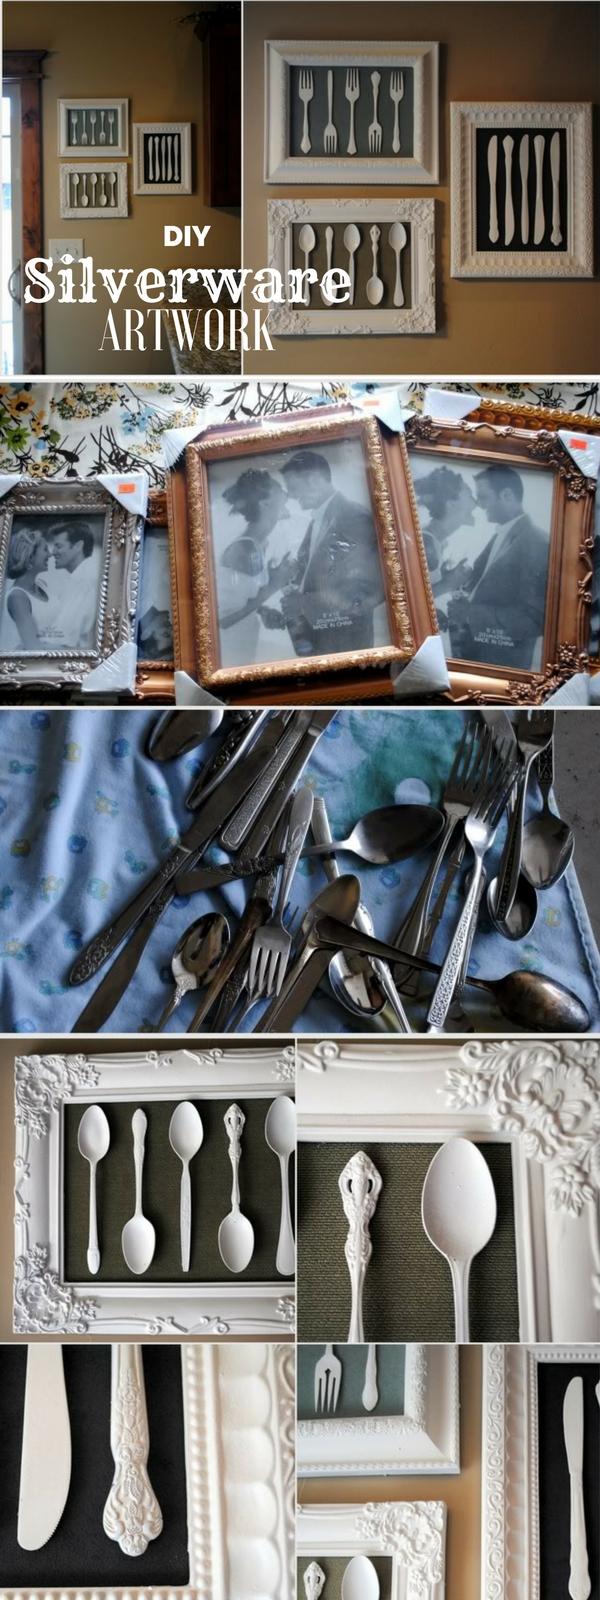 12.DIY Silverware Artwork